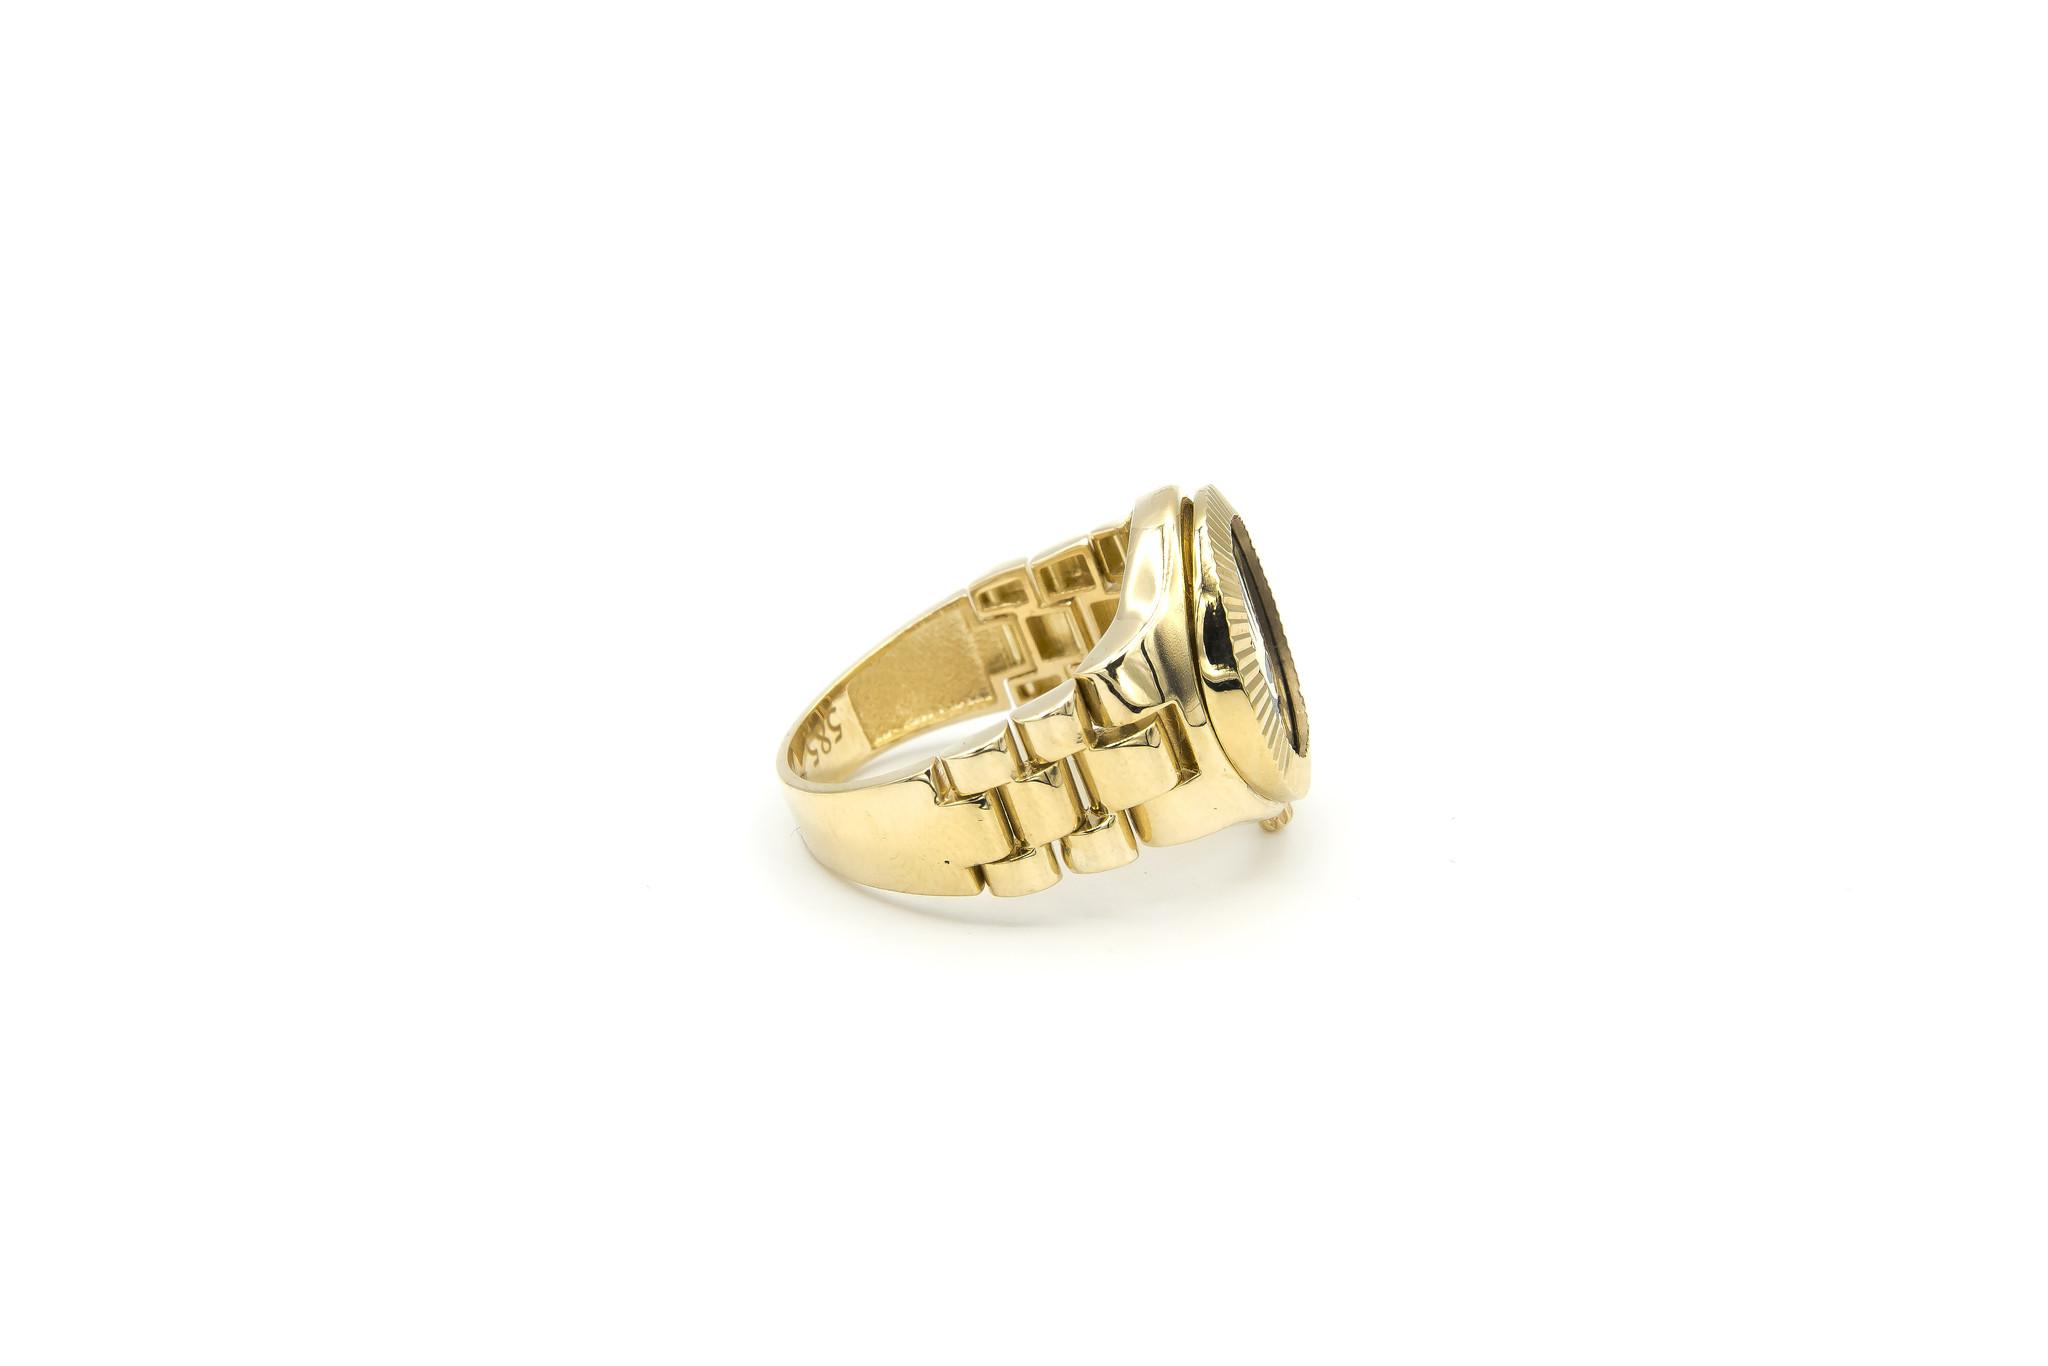 Ring horloge met kroon op zwarte achtergrond met flexibele zijkanten-4